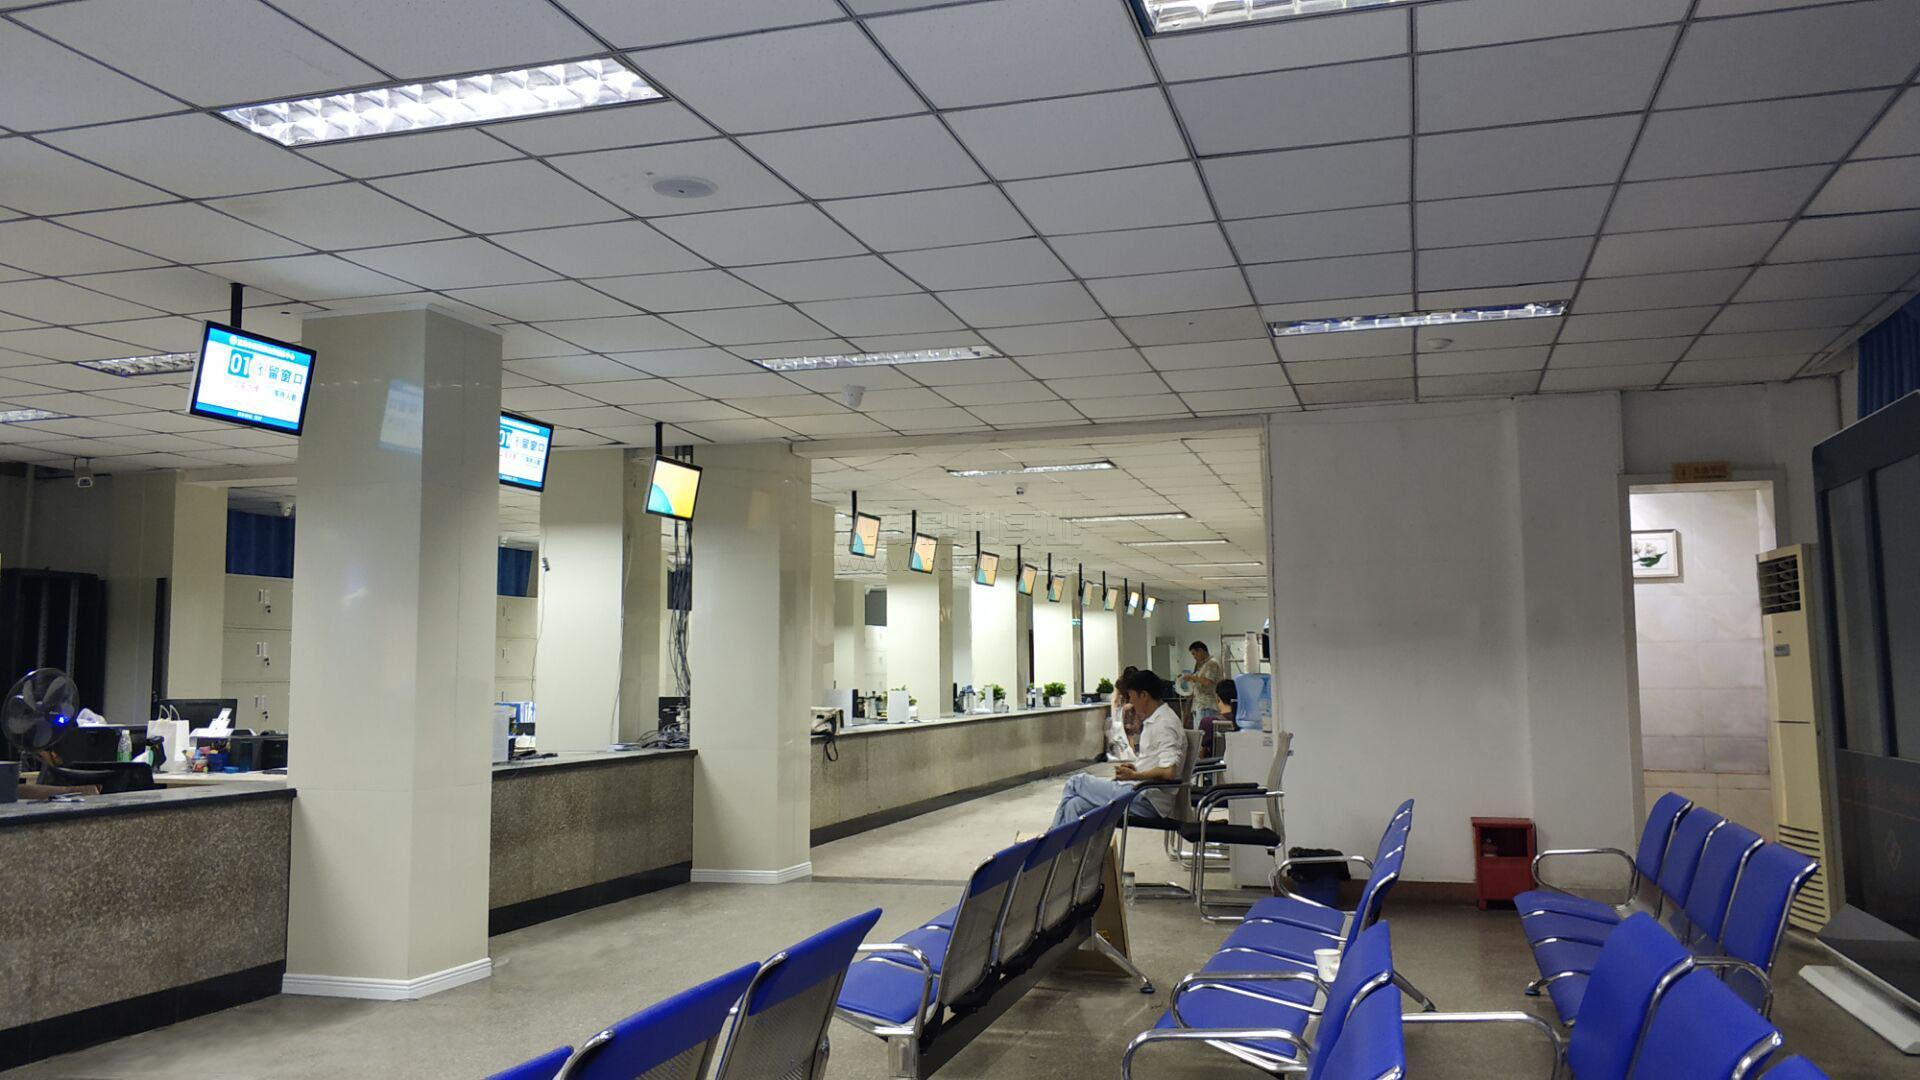 四川宜宾市智慧社会保障局服务中心排队系统之前面窗口LED屏安装配置